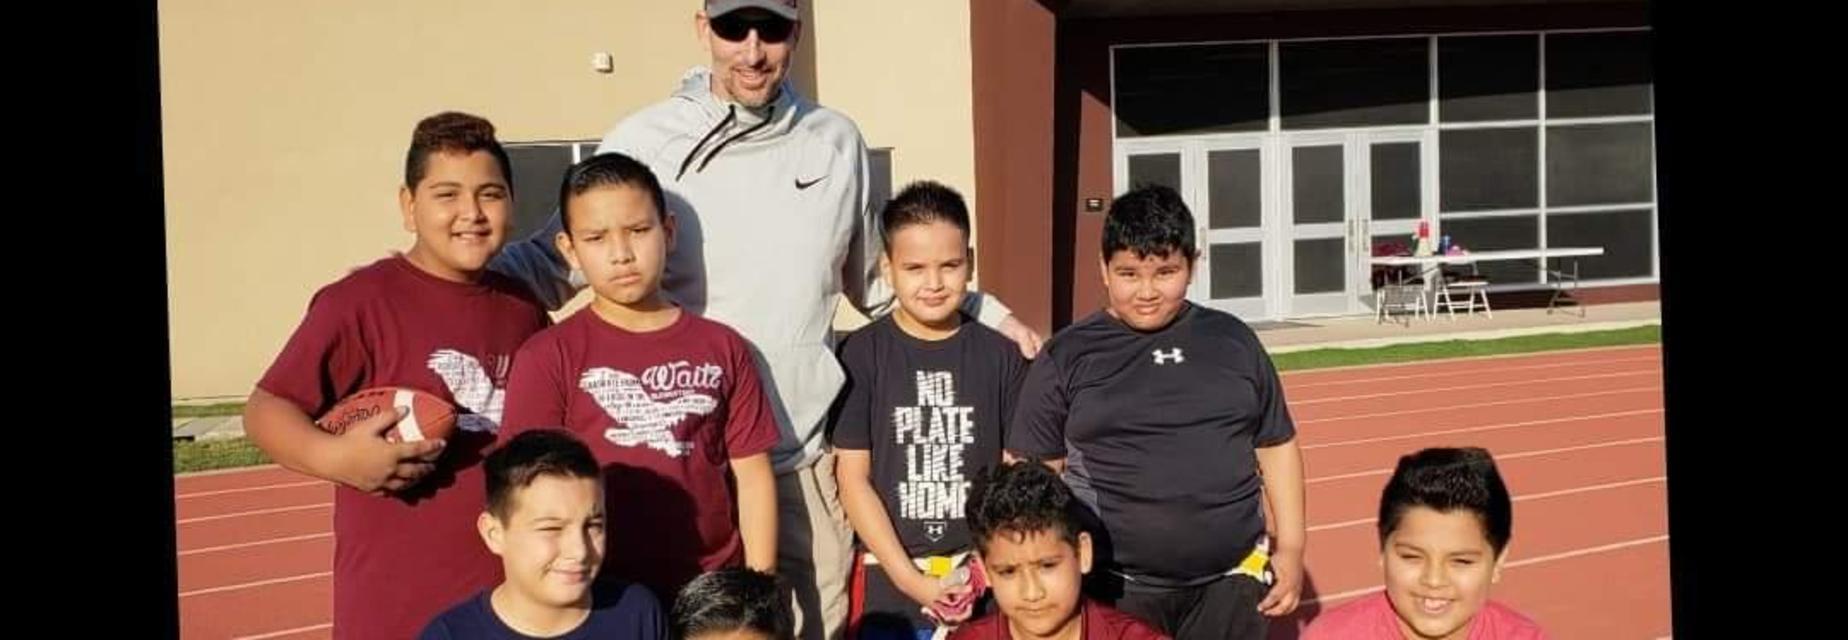 Coach Detmer with boys' football team